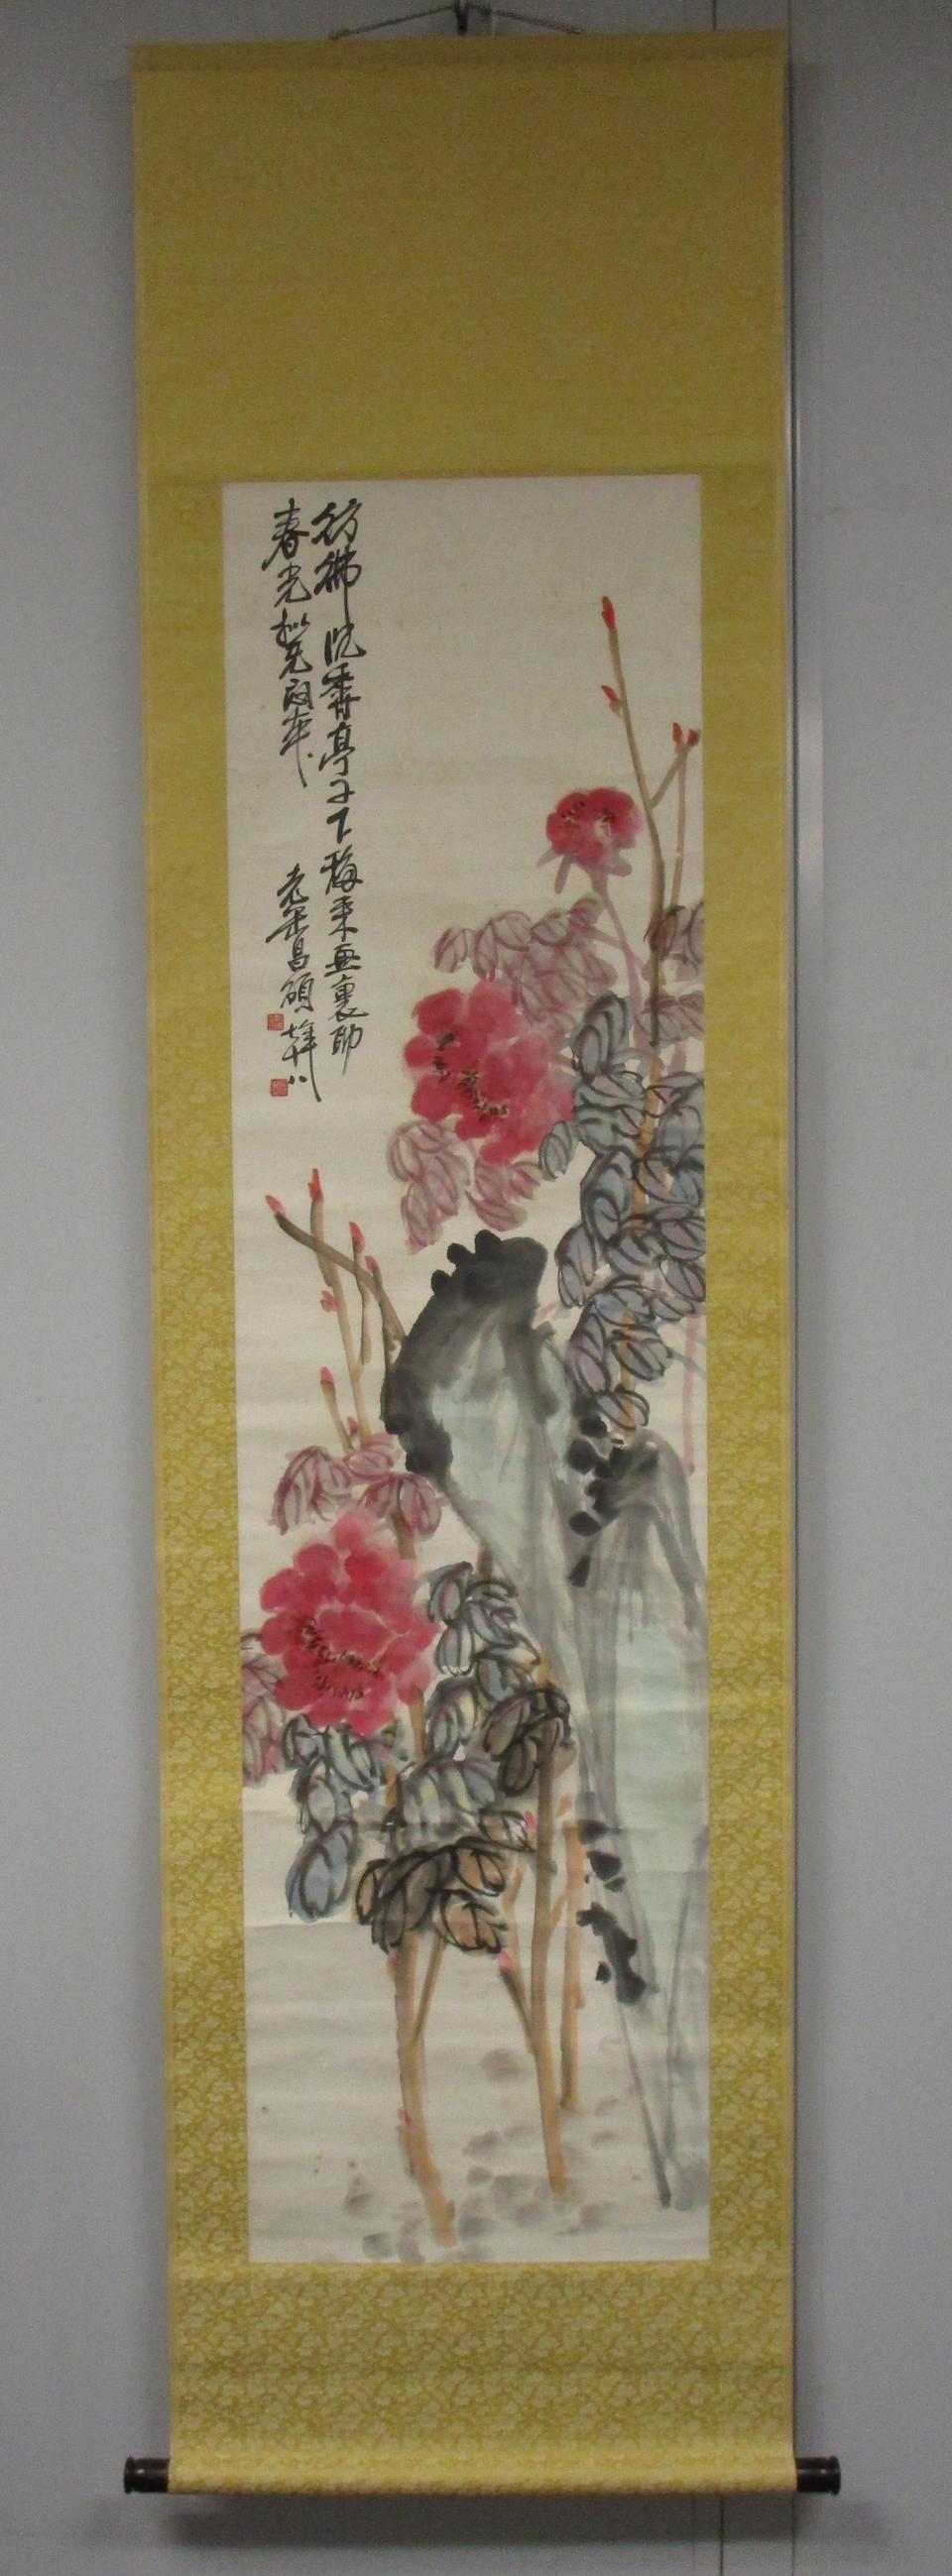 Wu Changshuo (1844-1927) Peony, 1921